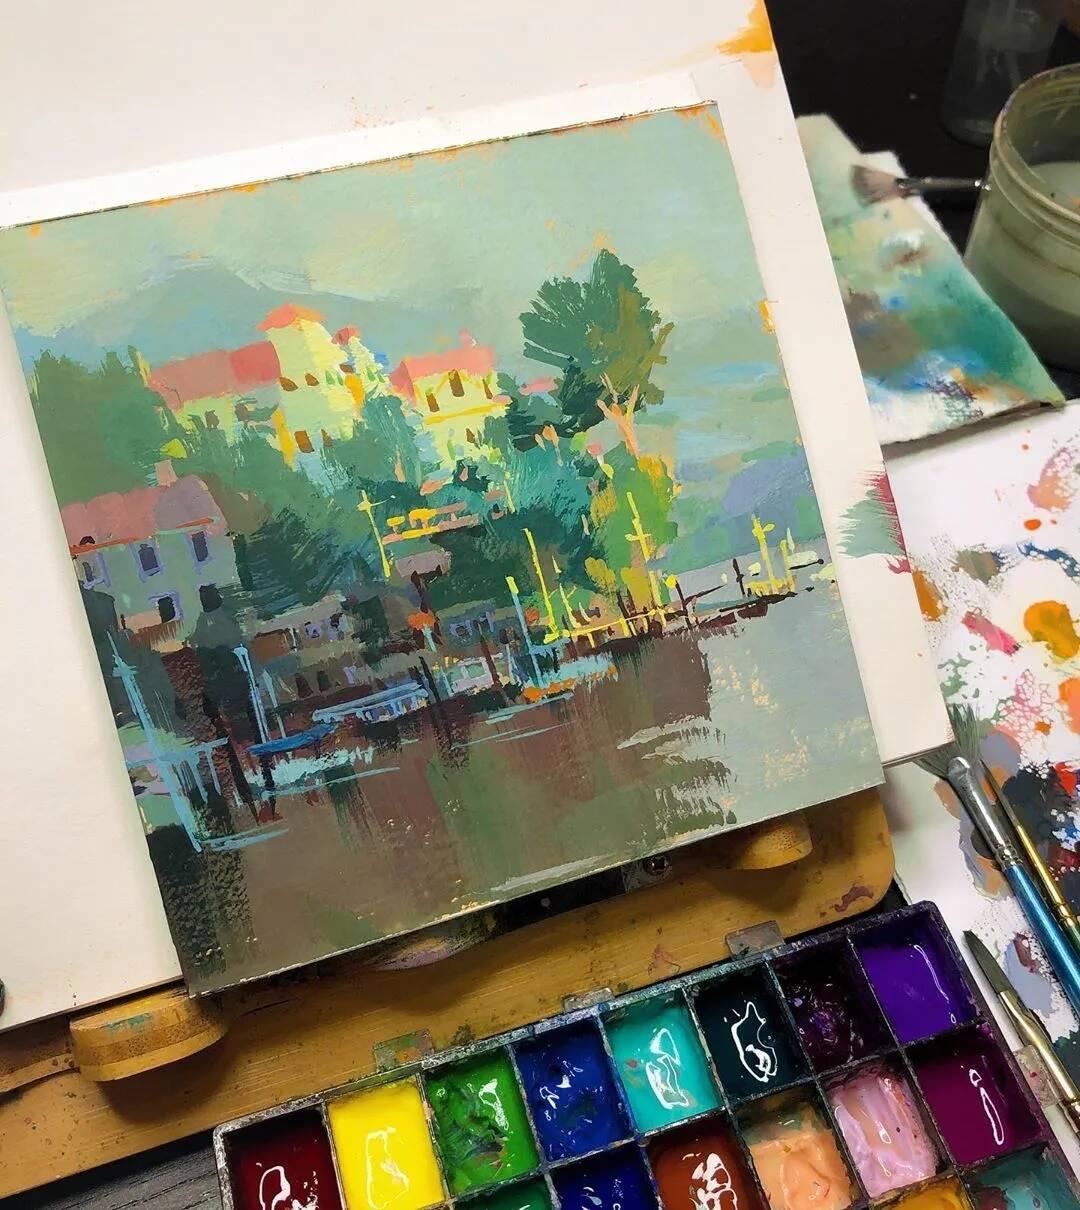 重庆美术培训画室美术生你知道如何用色彩来捕捉生活吗?这画面效果爱了!